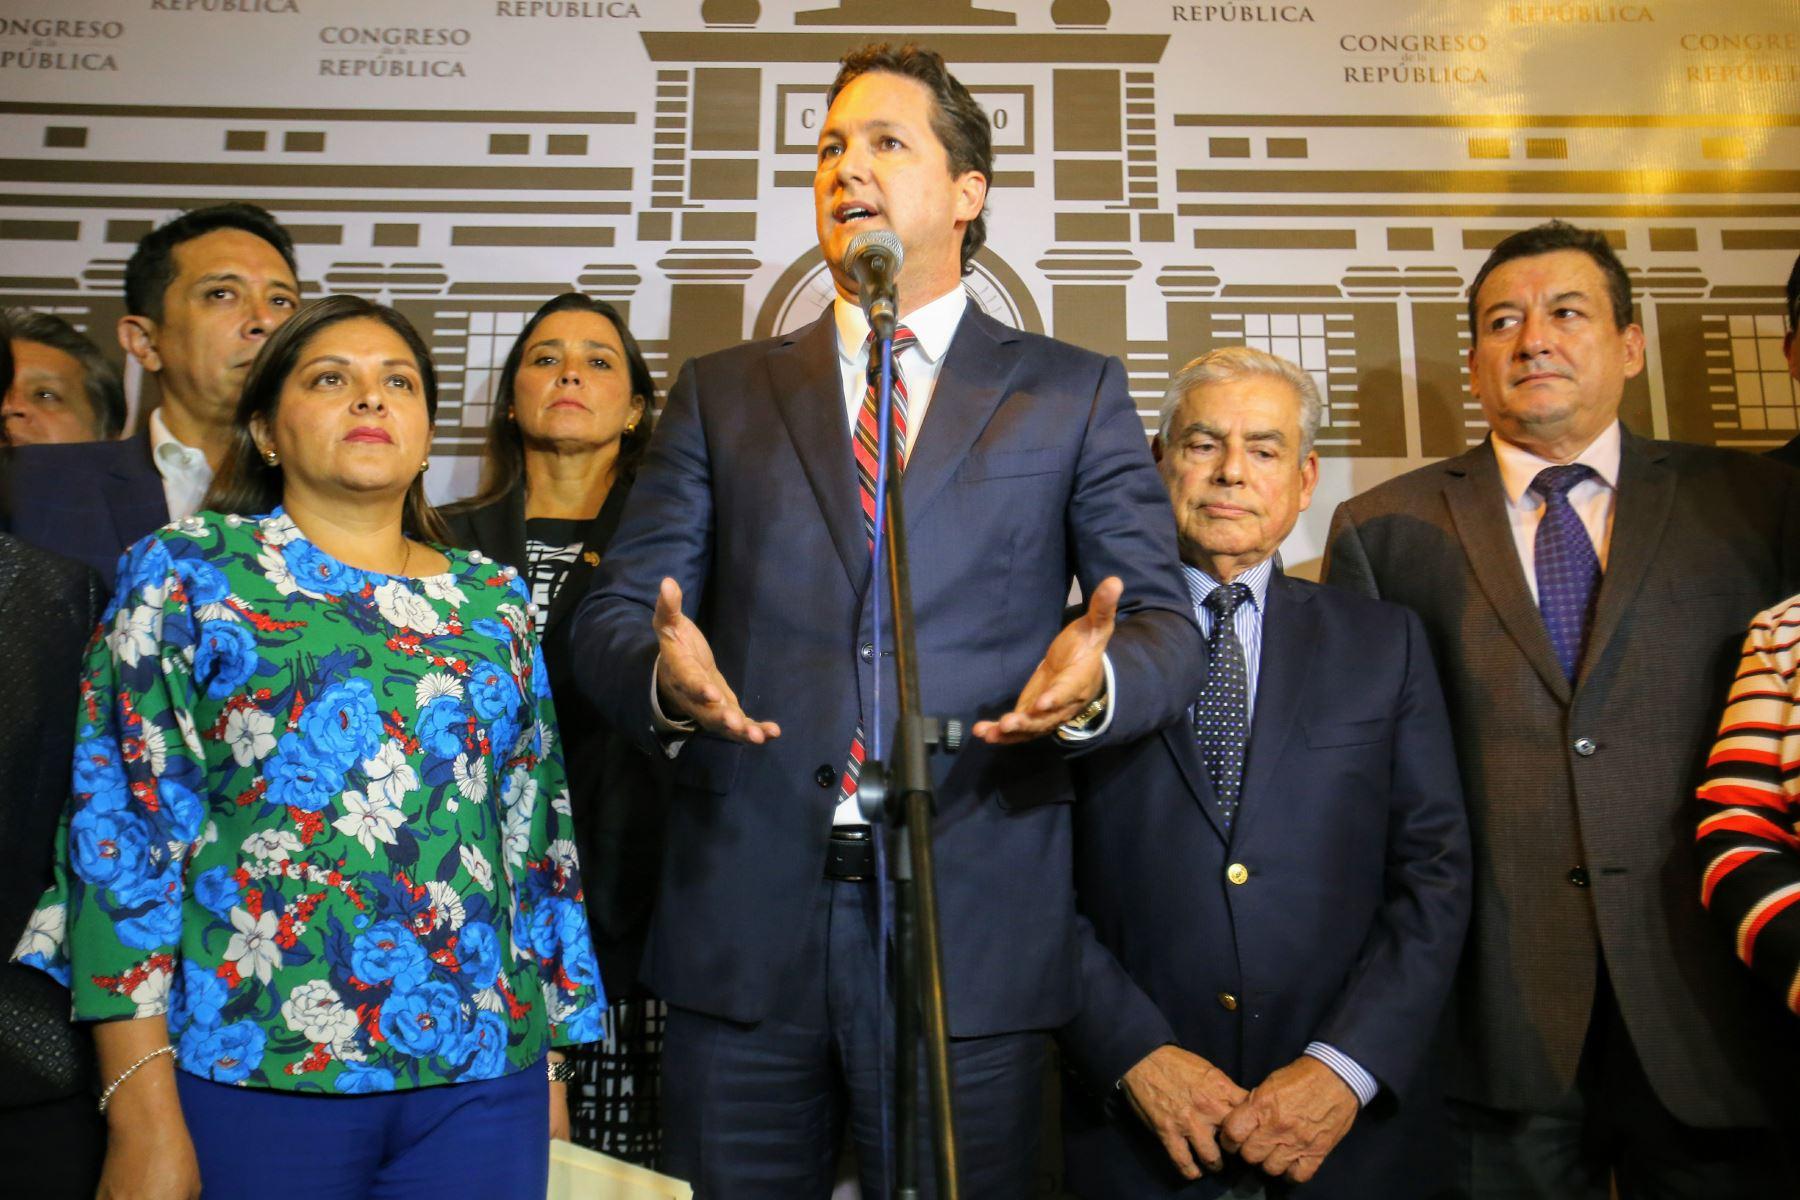 Luego de la reunión, el vocero de Fuerza Popular da pormenores de la misma. Foto: ANDINA/Luis Iparraguirre